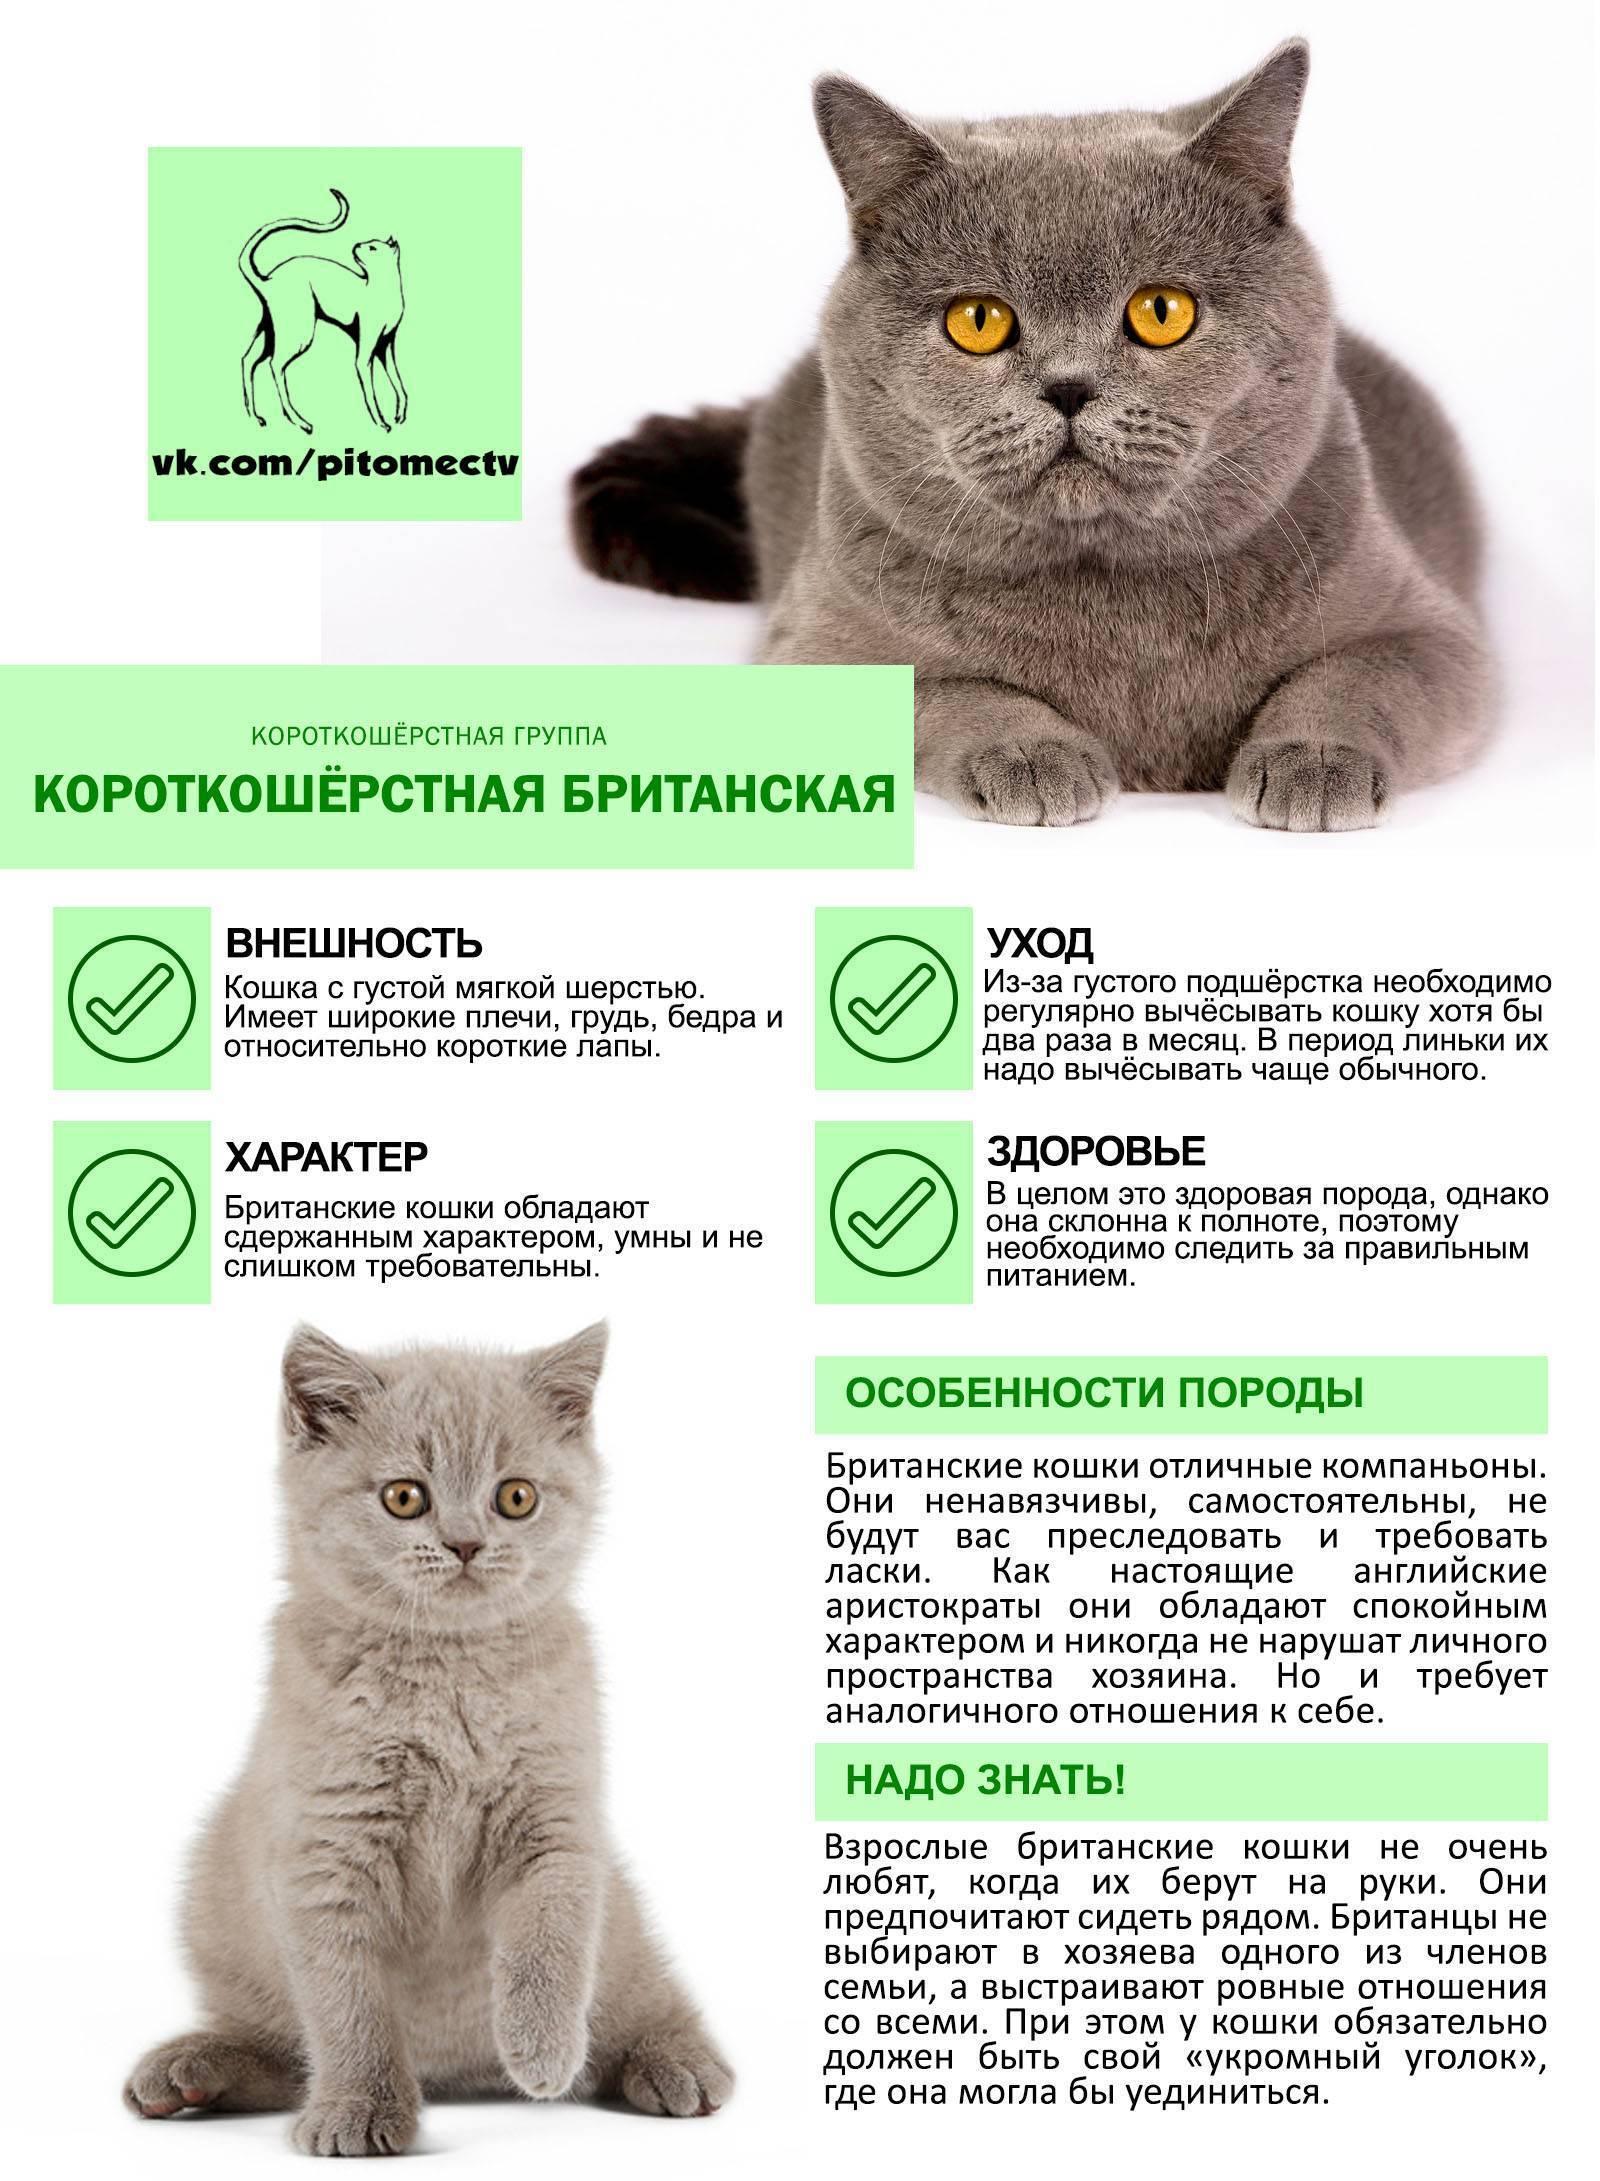 Как правильно подобрать корм для котенка 3 месяца?